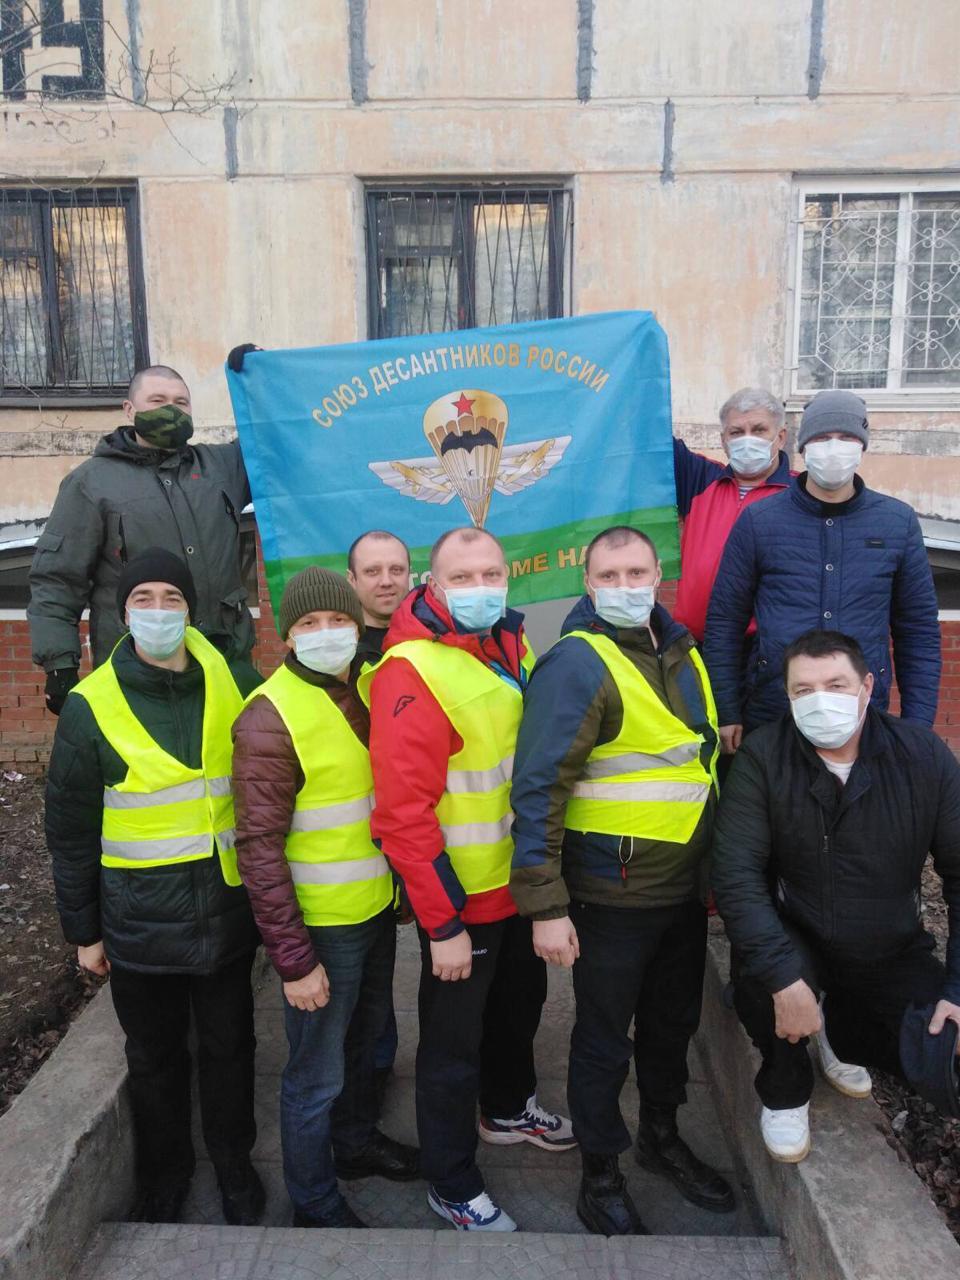 «Союз десантников Удмуртии» увеличивает количество своих волонтёров, участвующих в мероприятиях «… по противодействию распространения коронавирусной инфекции в Удмуртии…»